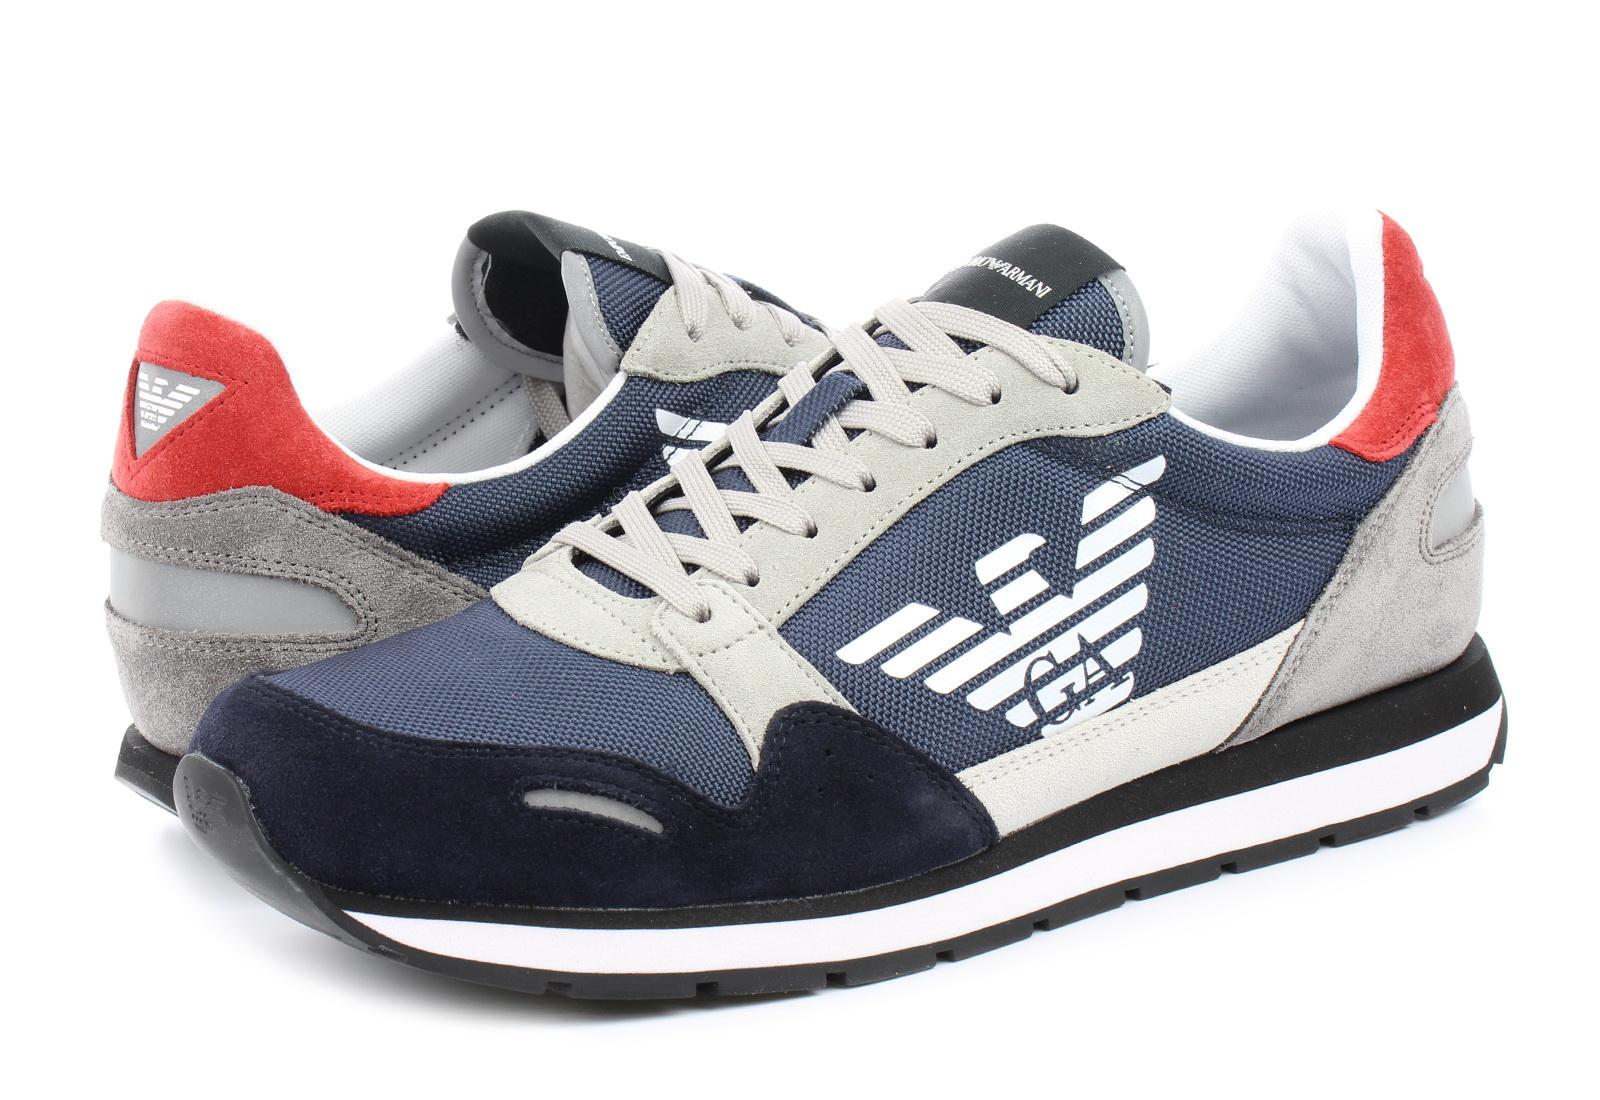 Emporio Armani Polbuty Eaxl200 Xl200 X215 Nvy Obuwie I Buty Damskie Meskie Dzieciece W Office Shoes